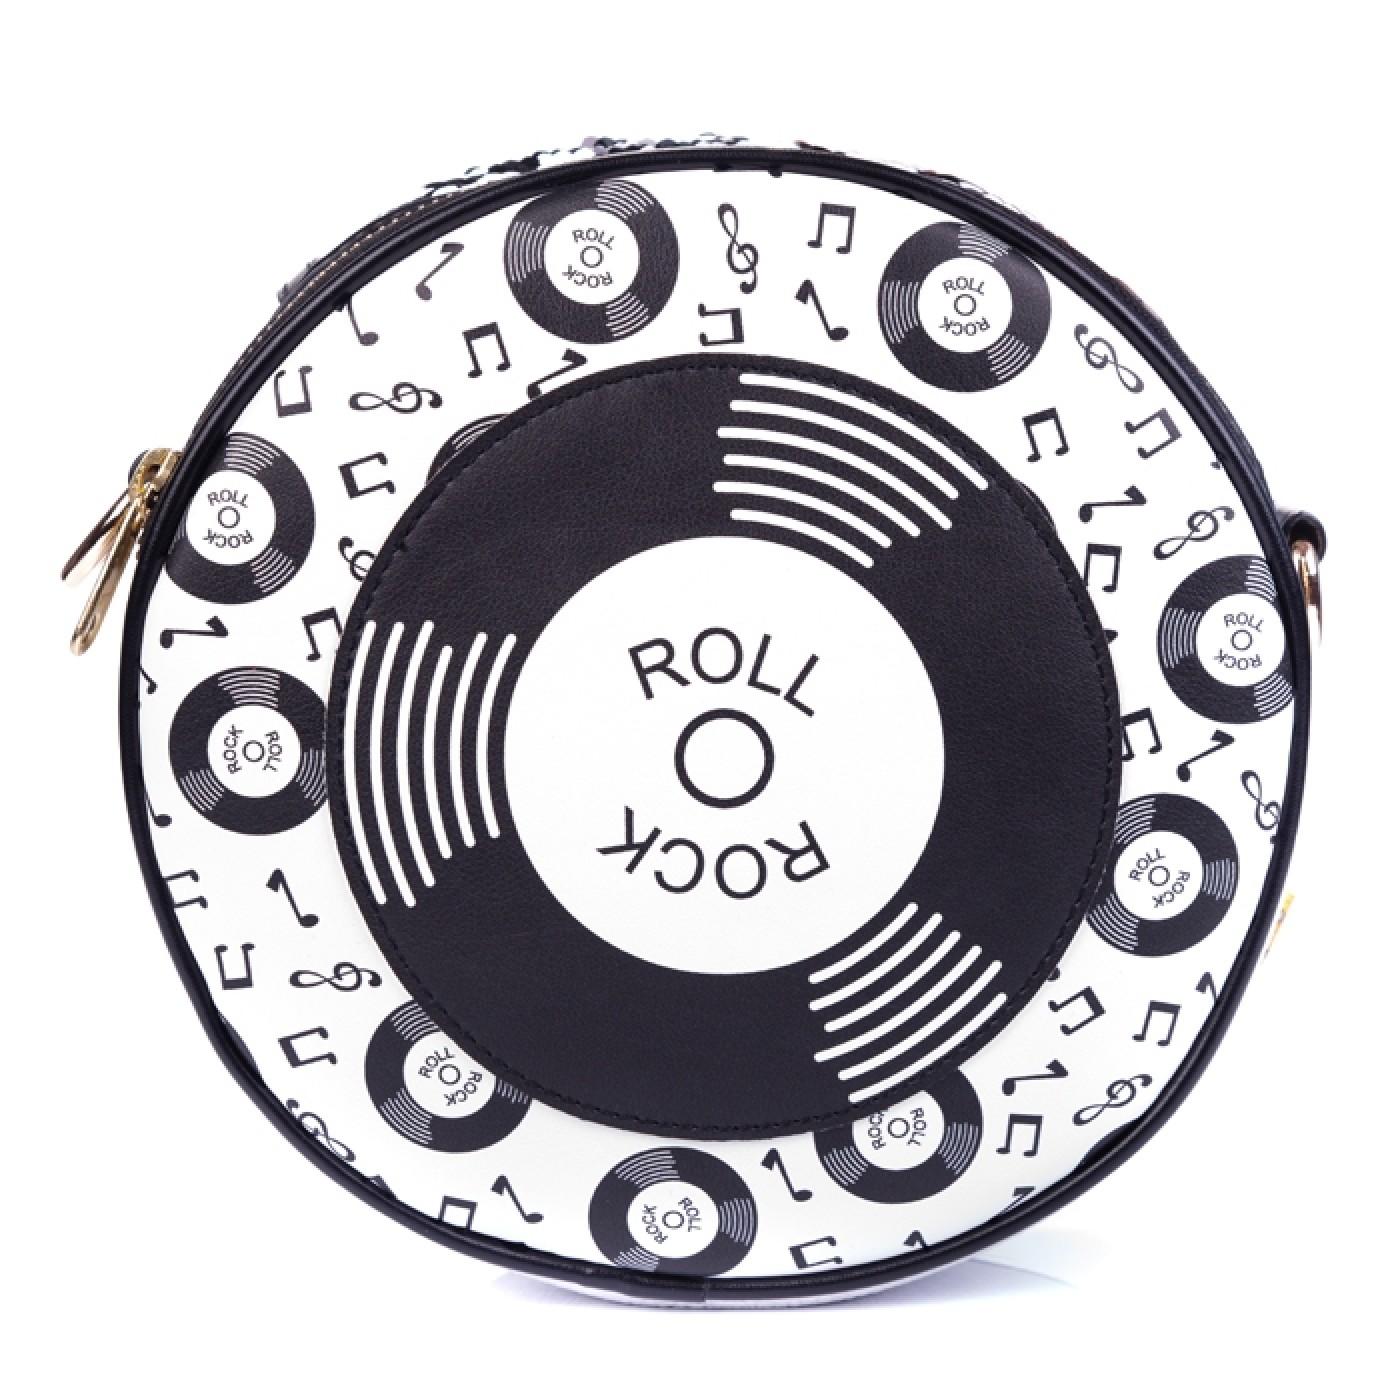 Rocko Roller Bag (white)